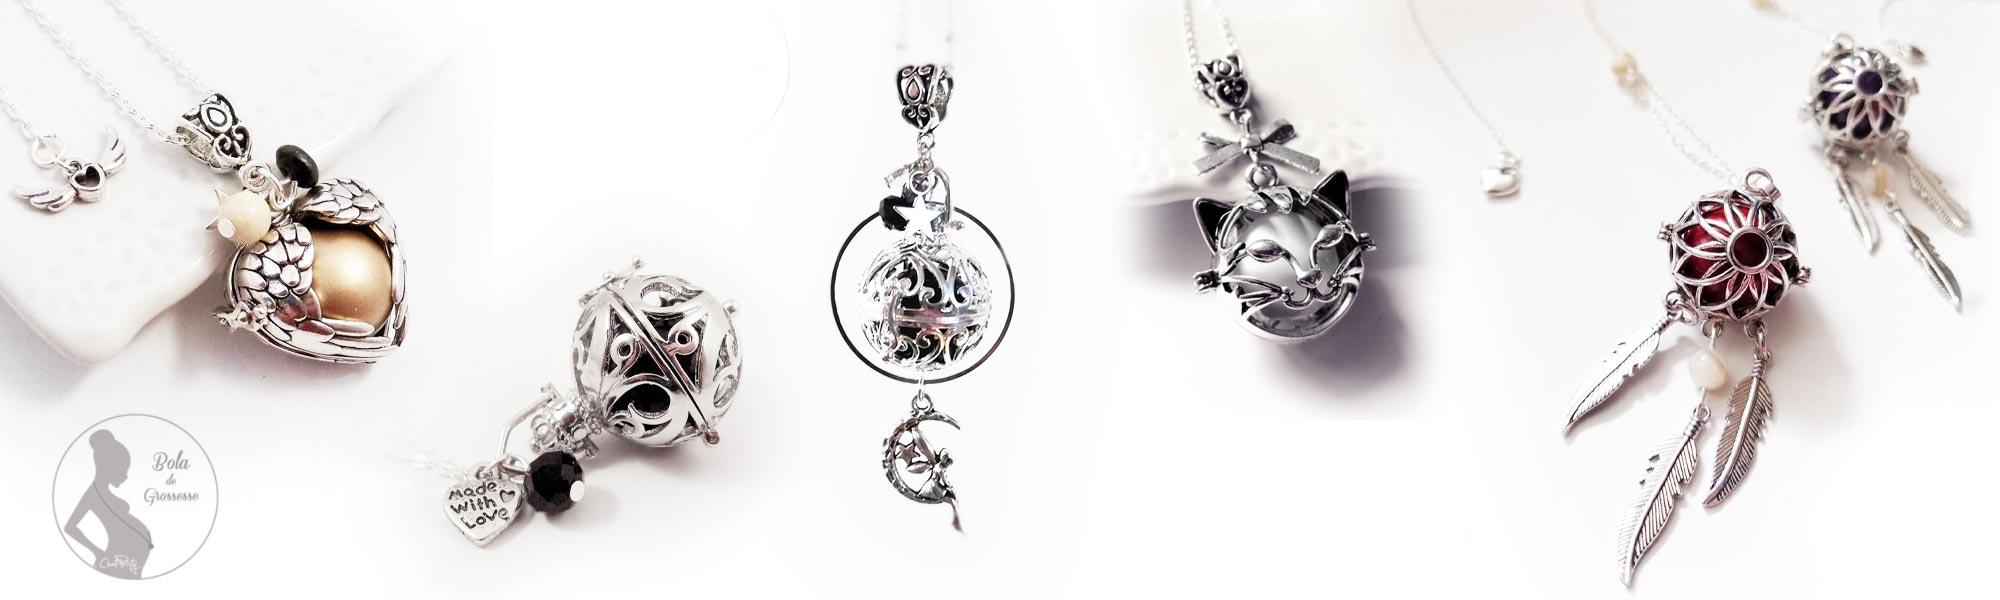 Bola original de créateur bijou personnalisé pour femme enceinte